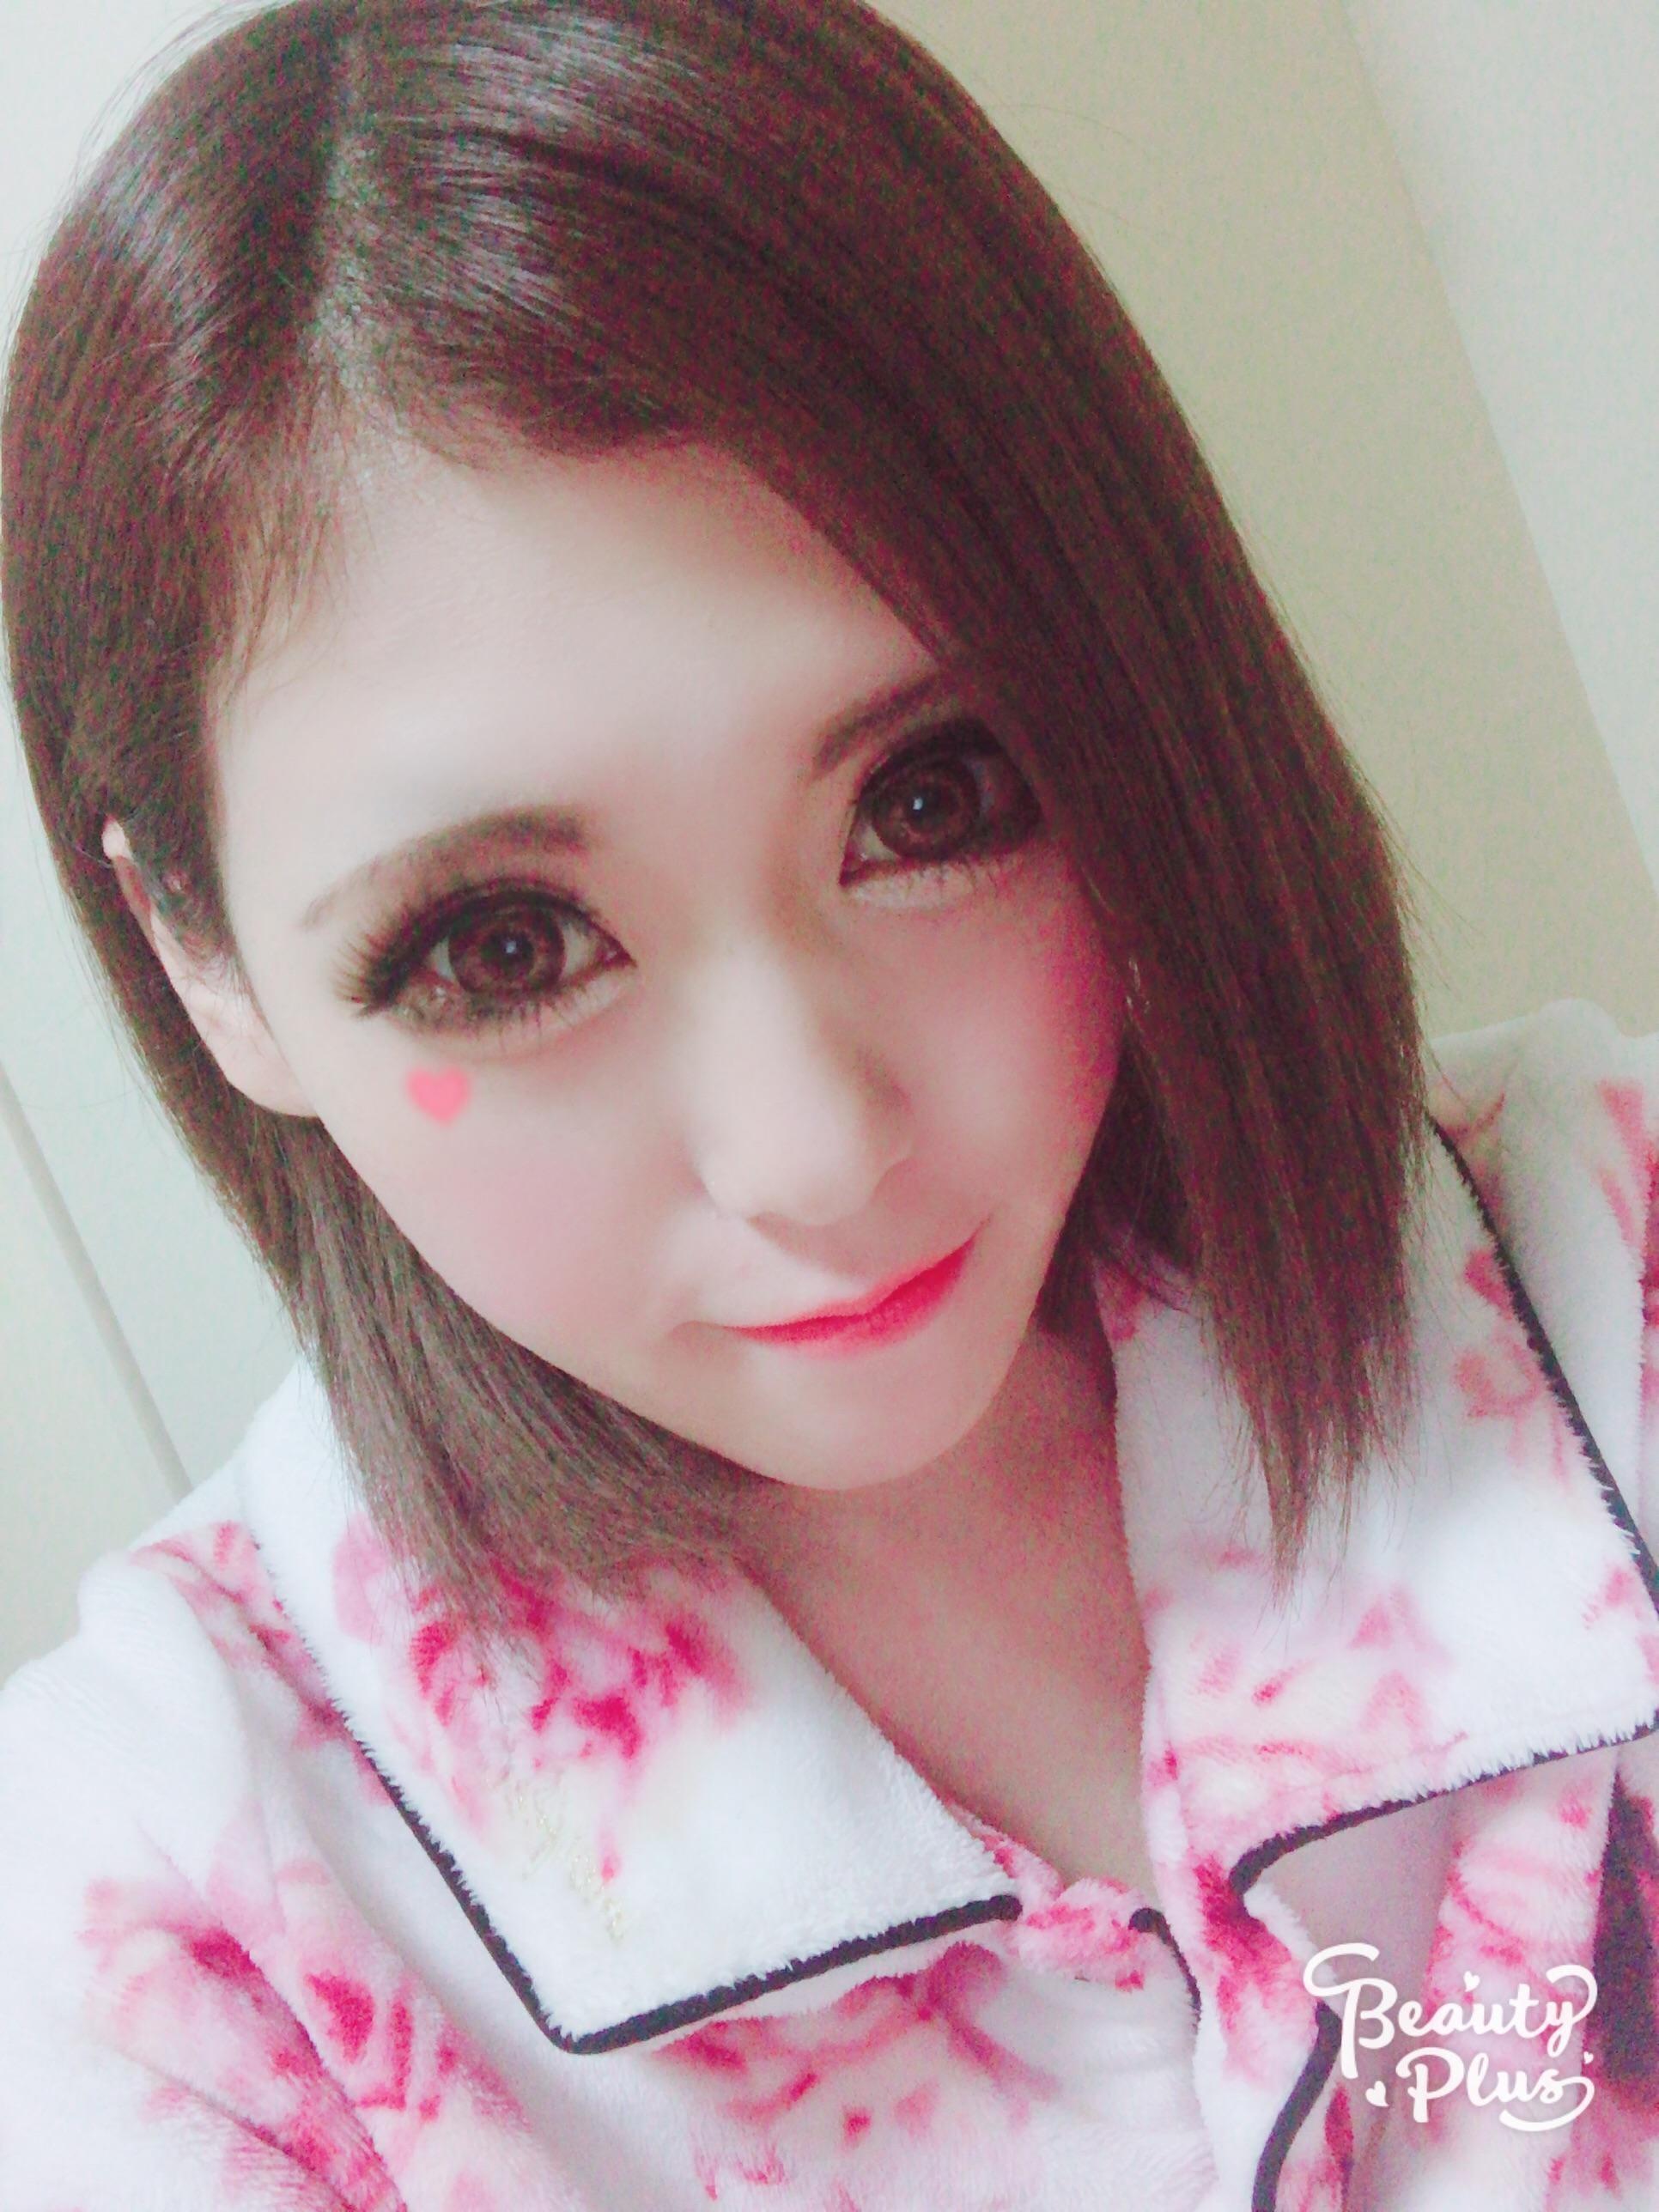 「おはよう」12/15(12/15) 17:10 | うららの写メ・風俗動画